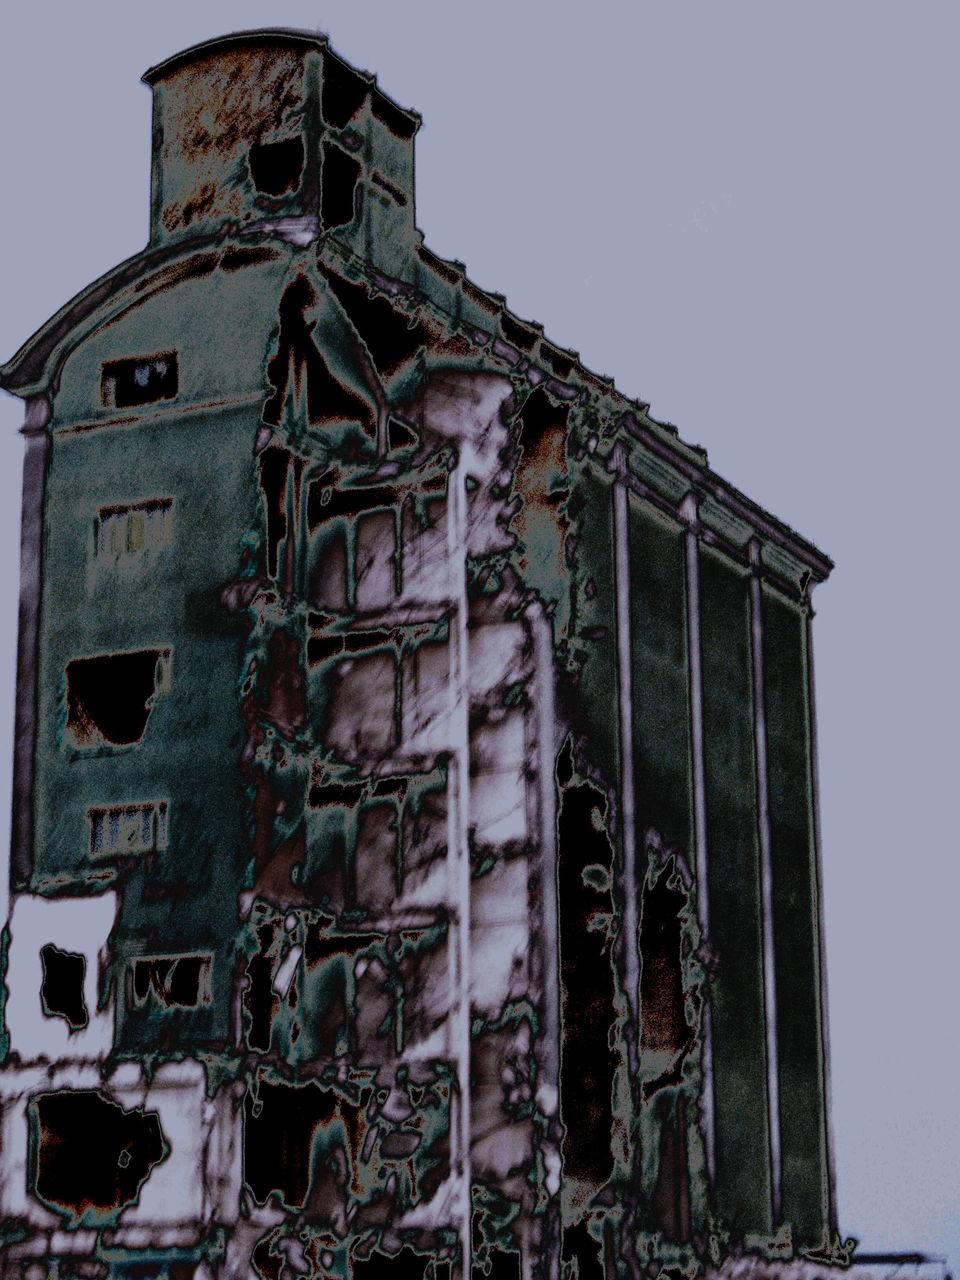 Niklas DC ''Les silos eventrés'' __Béryllium__